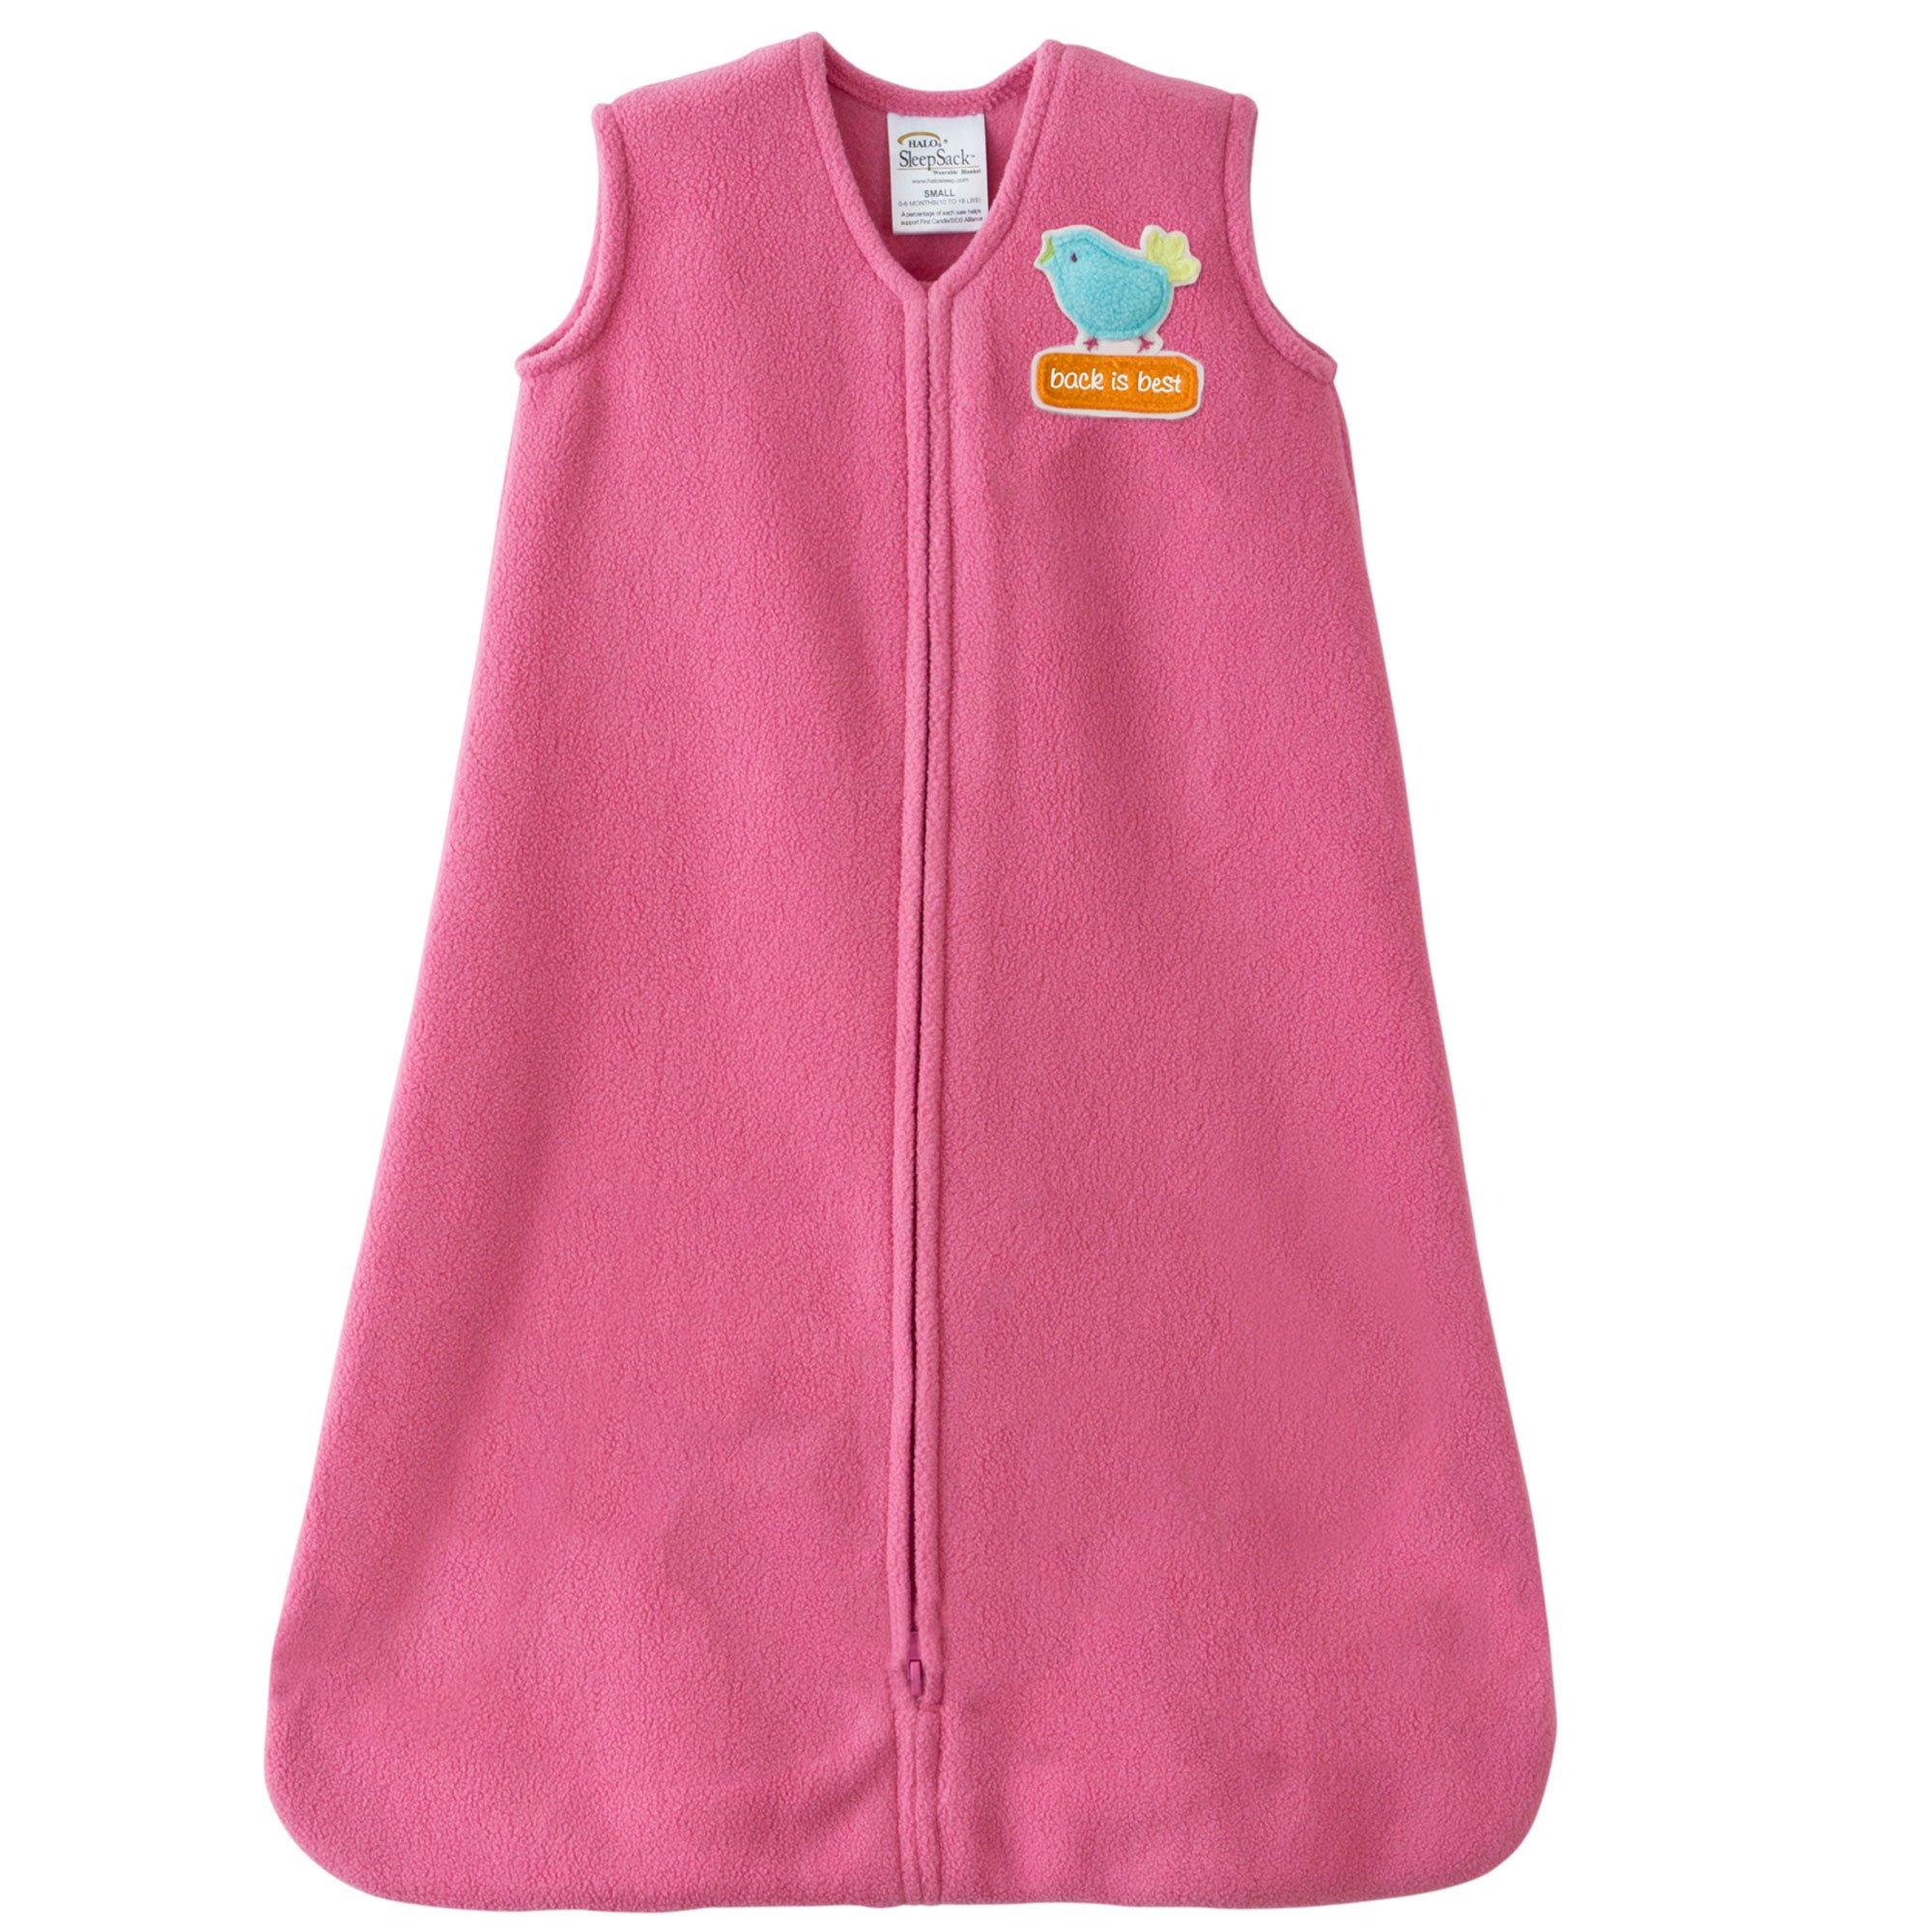 Halo Hot Pink SleepSack Wearable Baby Blanket, Micro-Fleece, Small